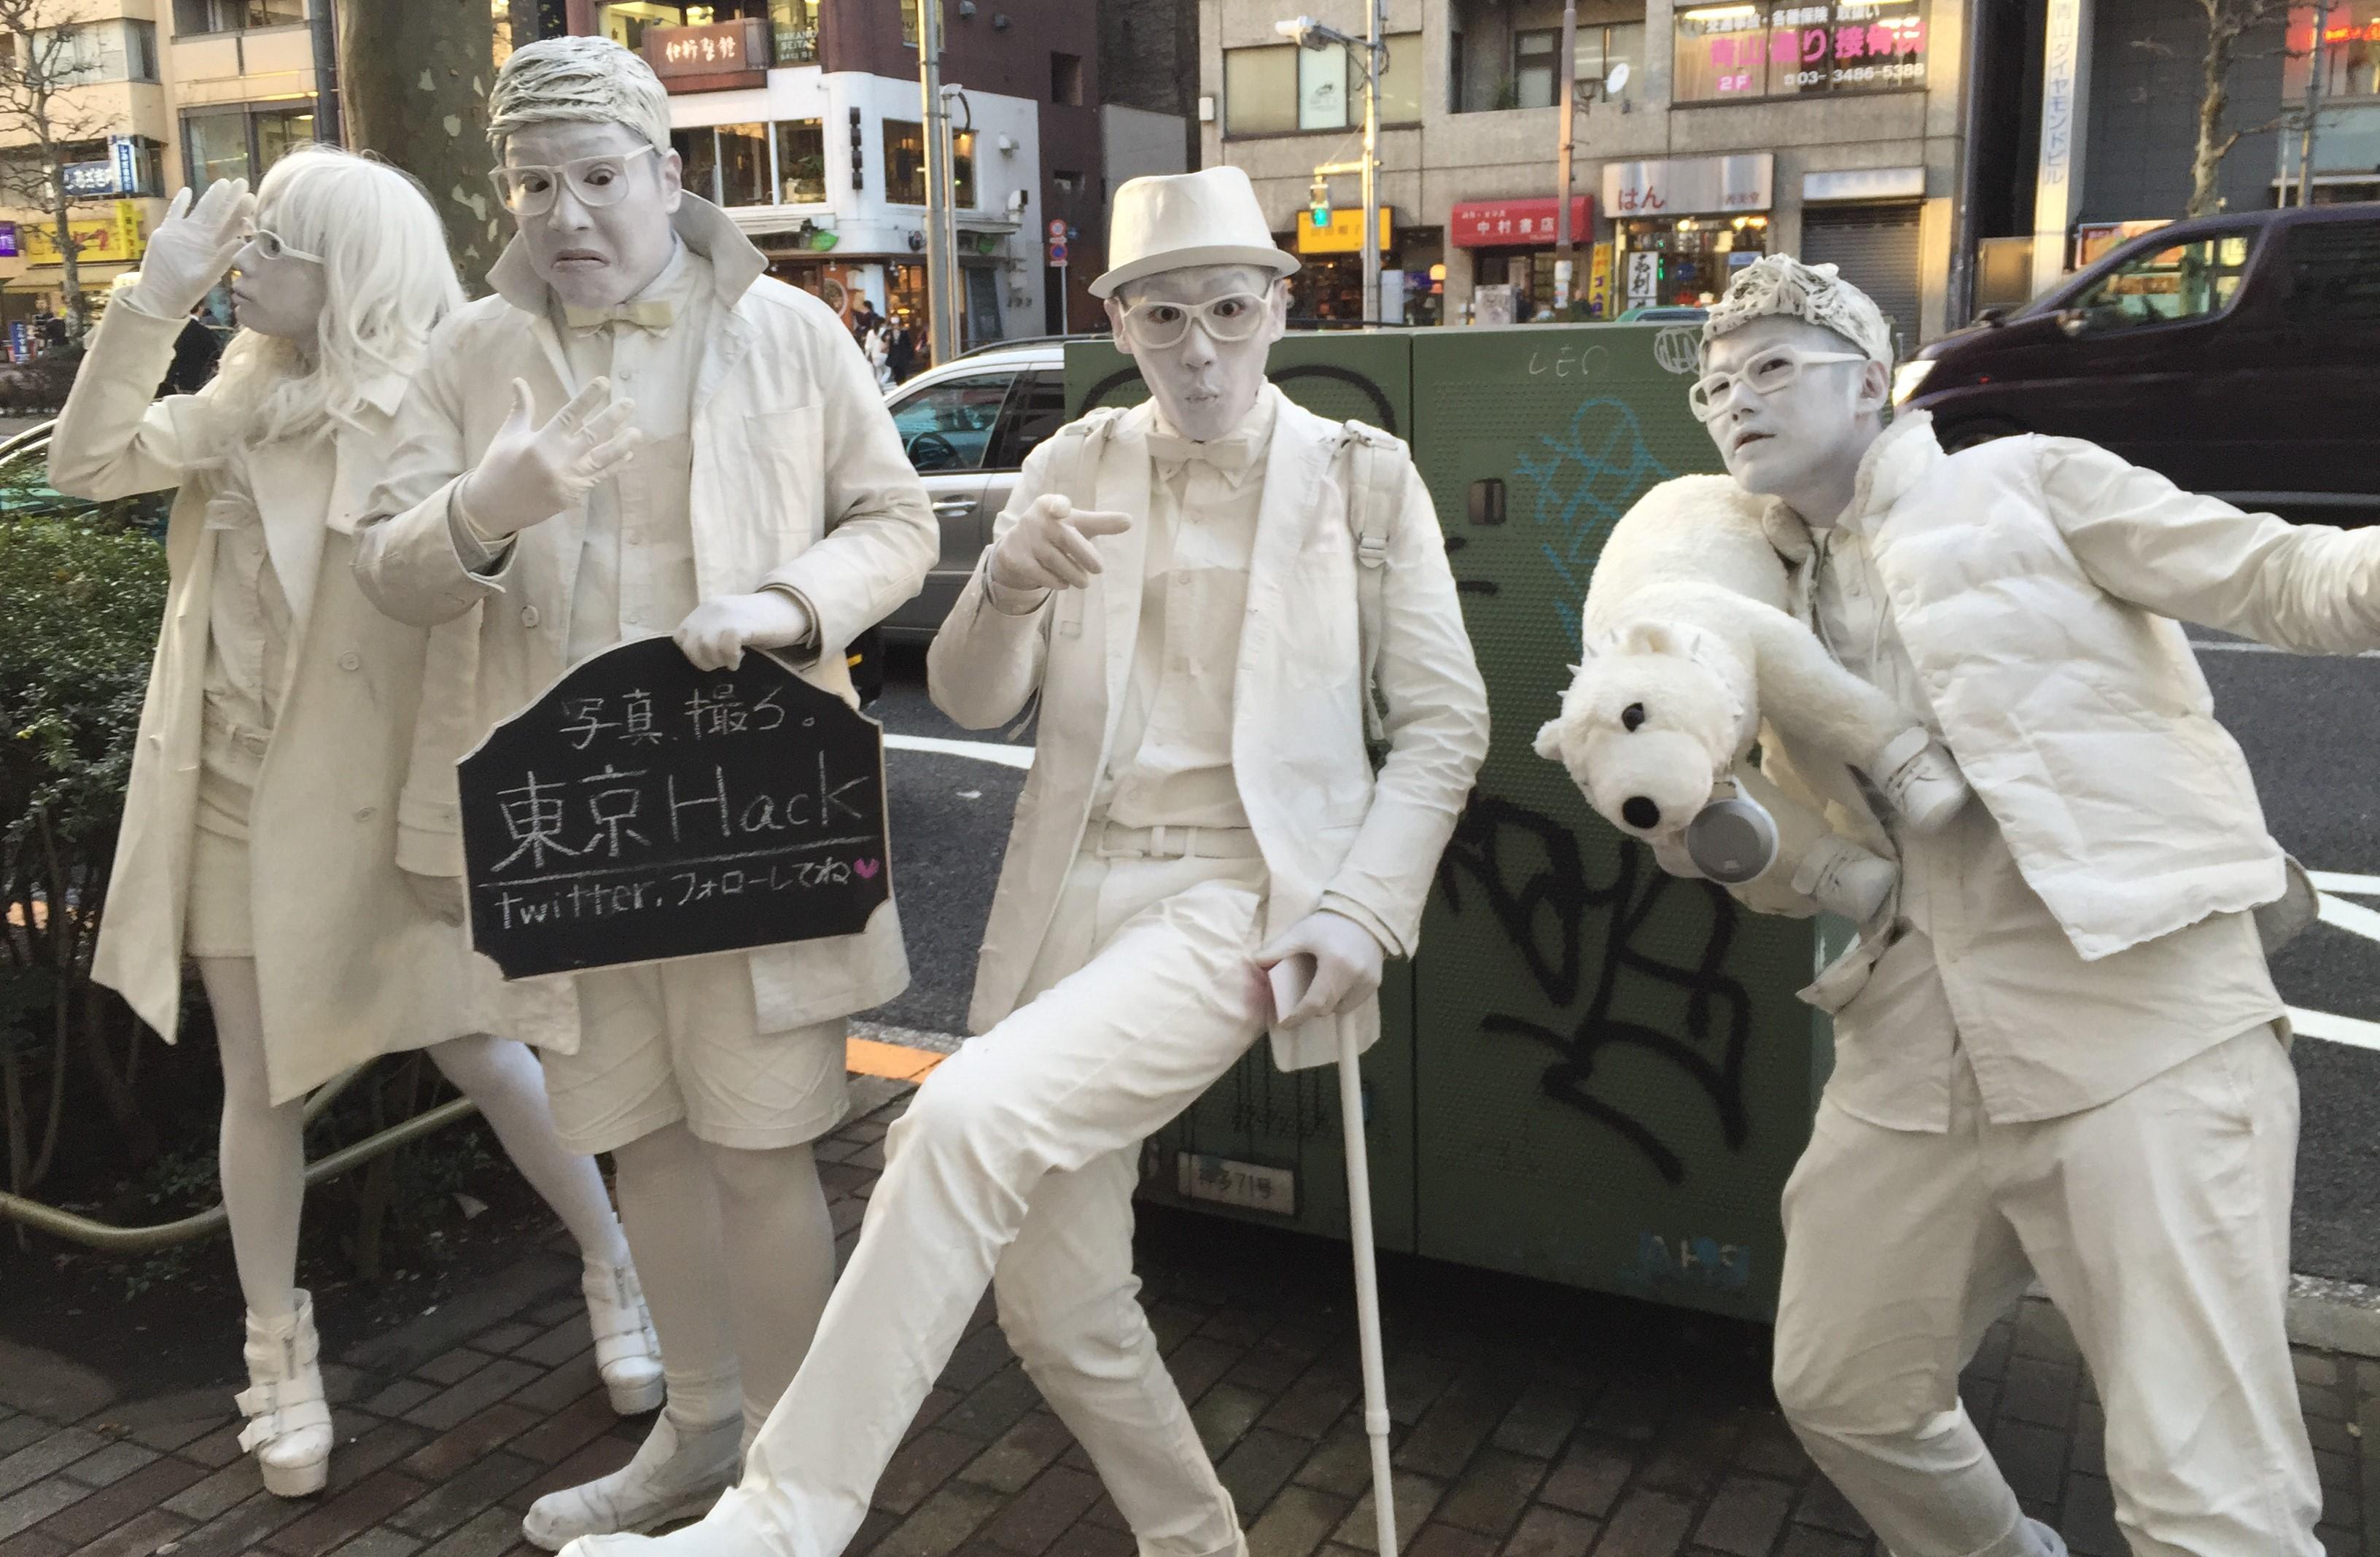 0310しらべぇ「東京Hack」写真1